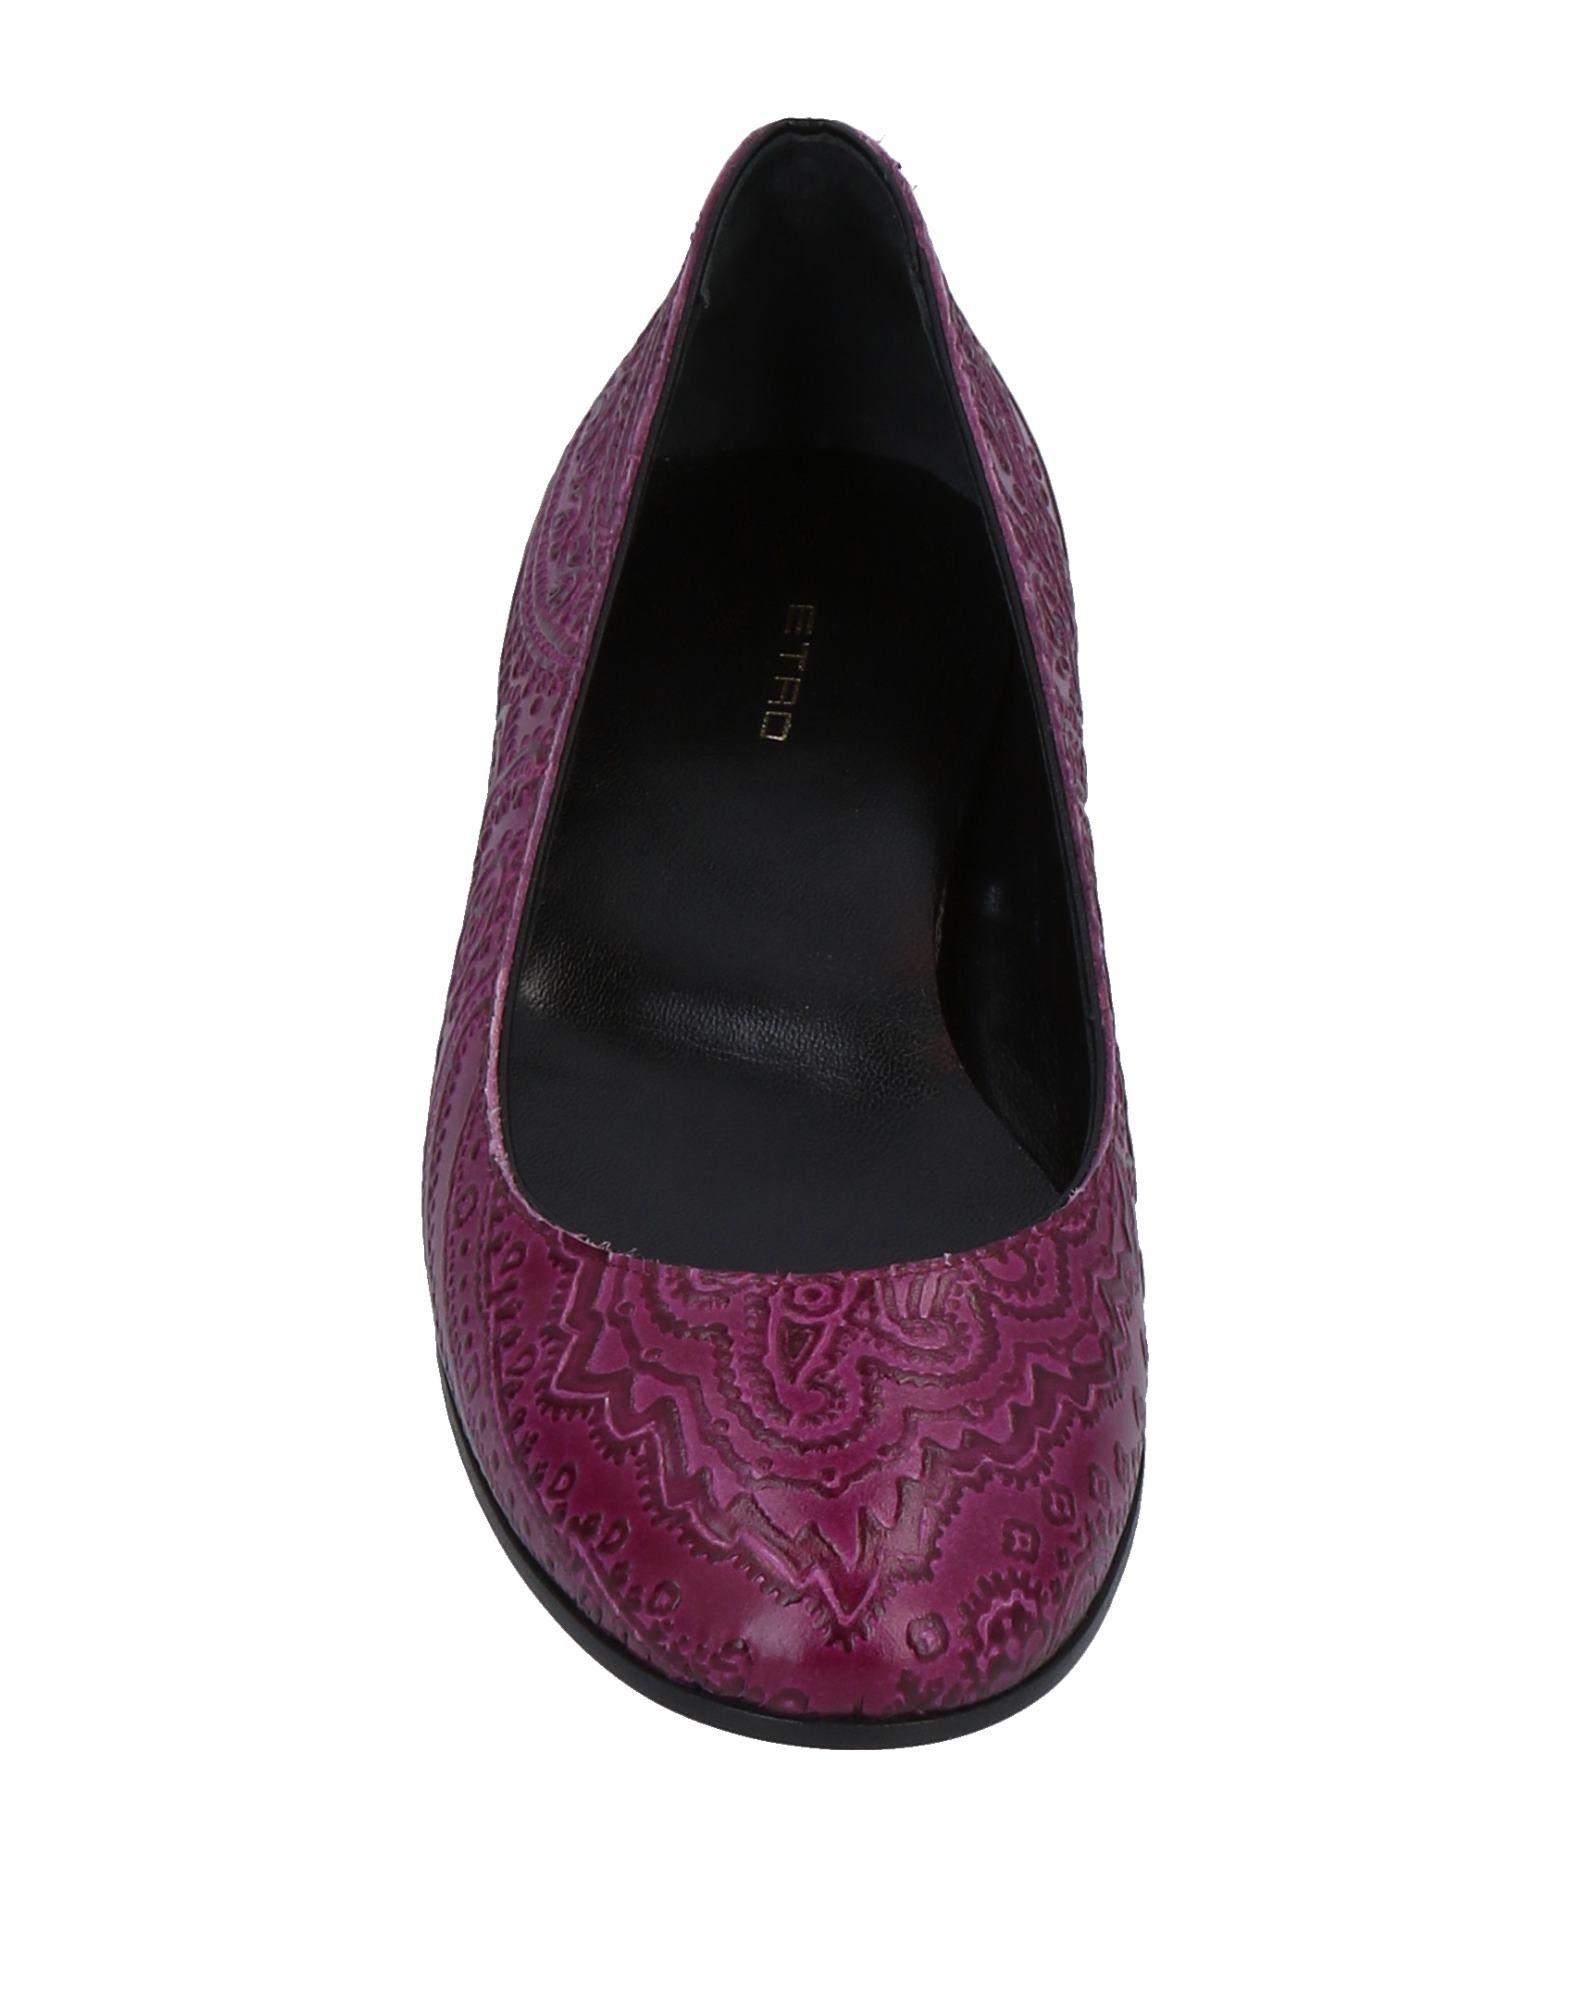 Rabatt Etro Schuhe Etro Rabatt Ballerinas Damen  11488806VB 3f1253